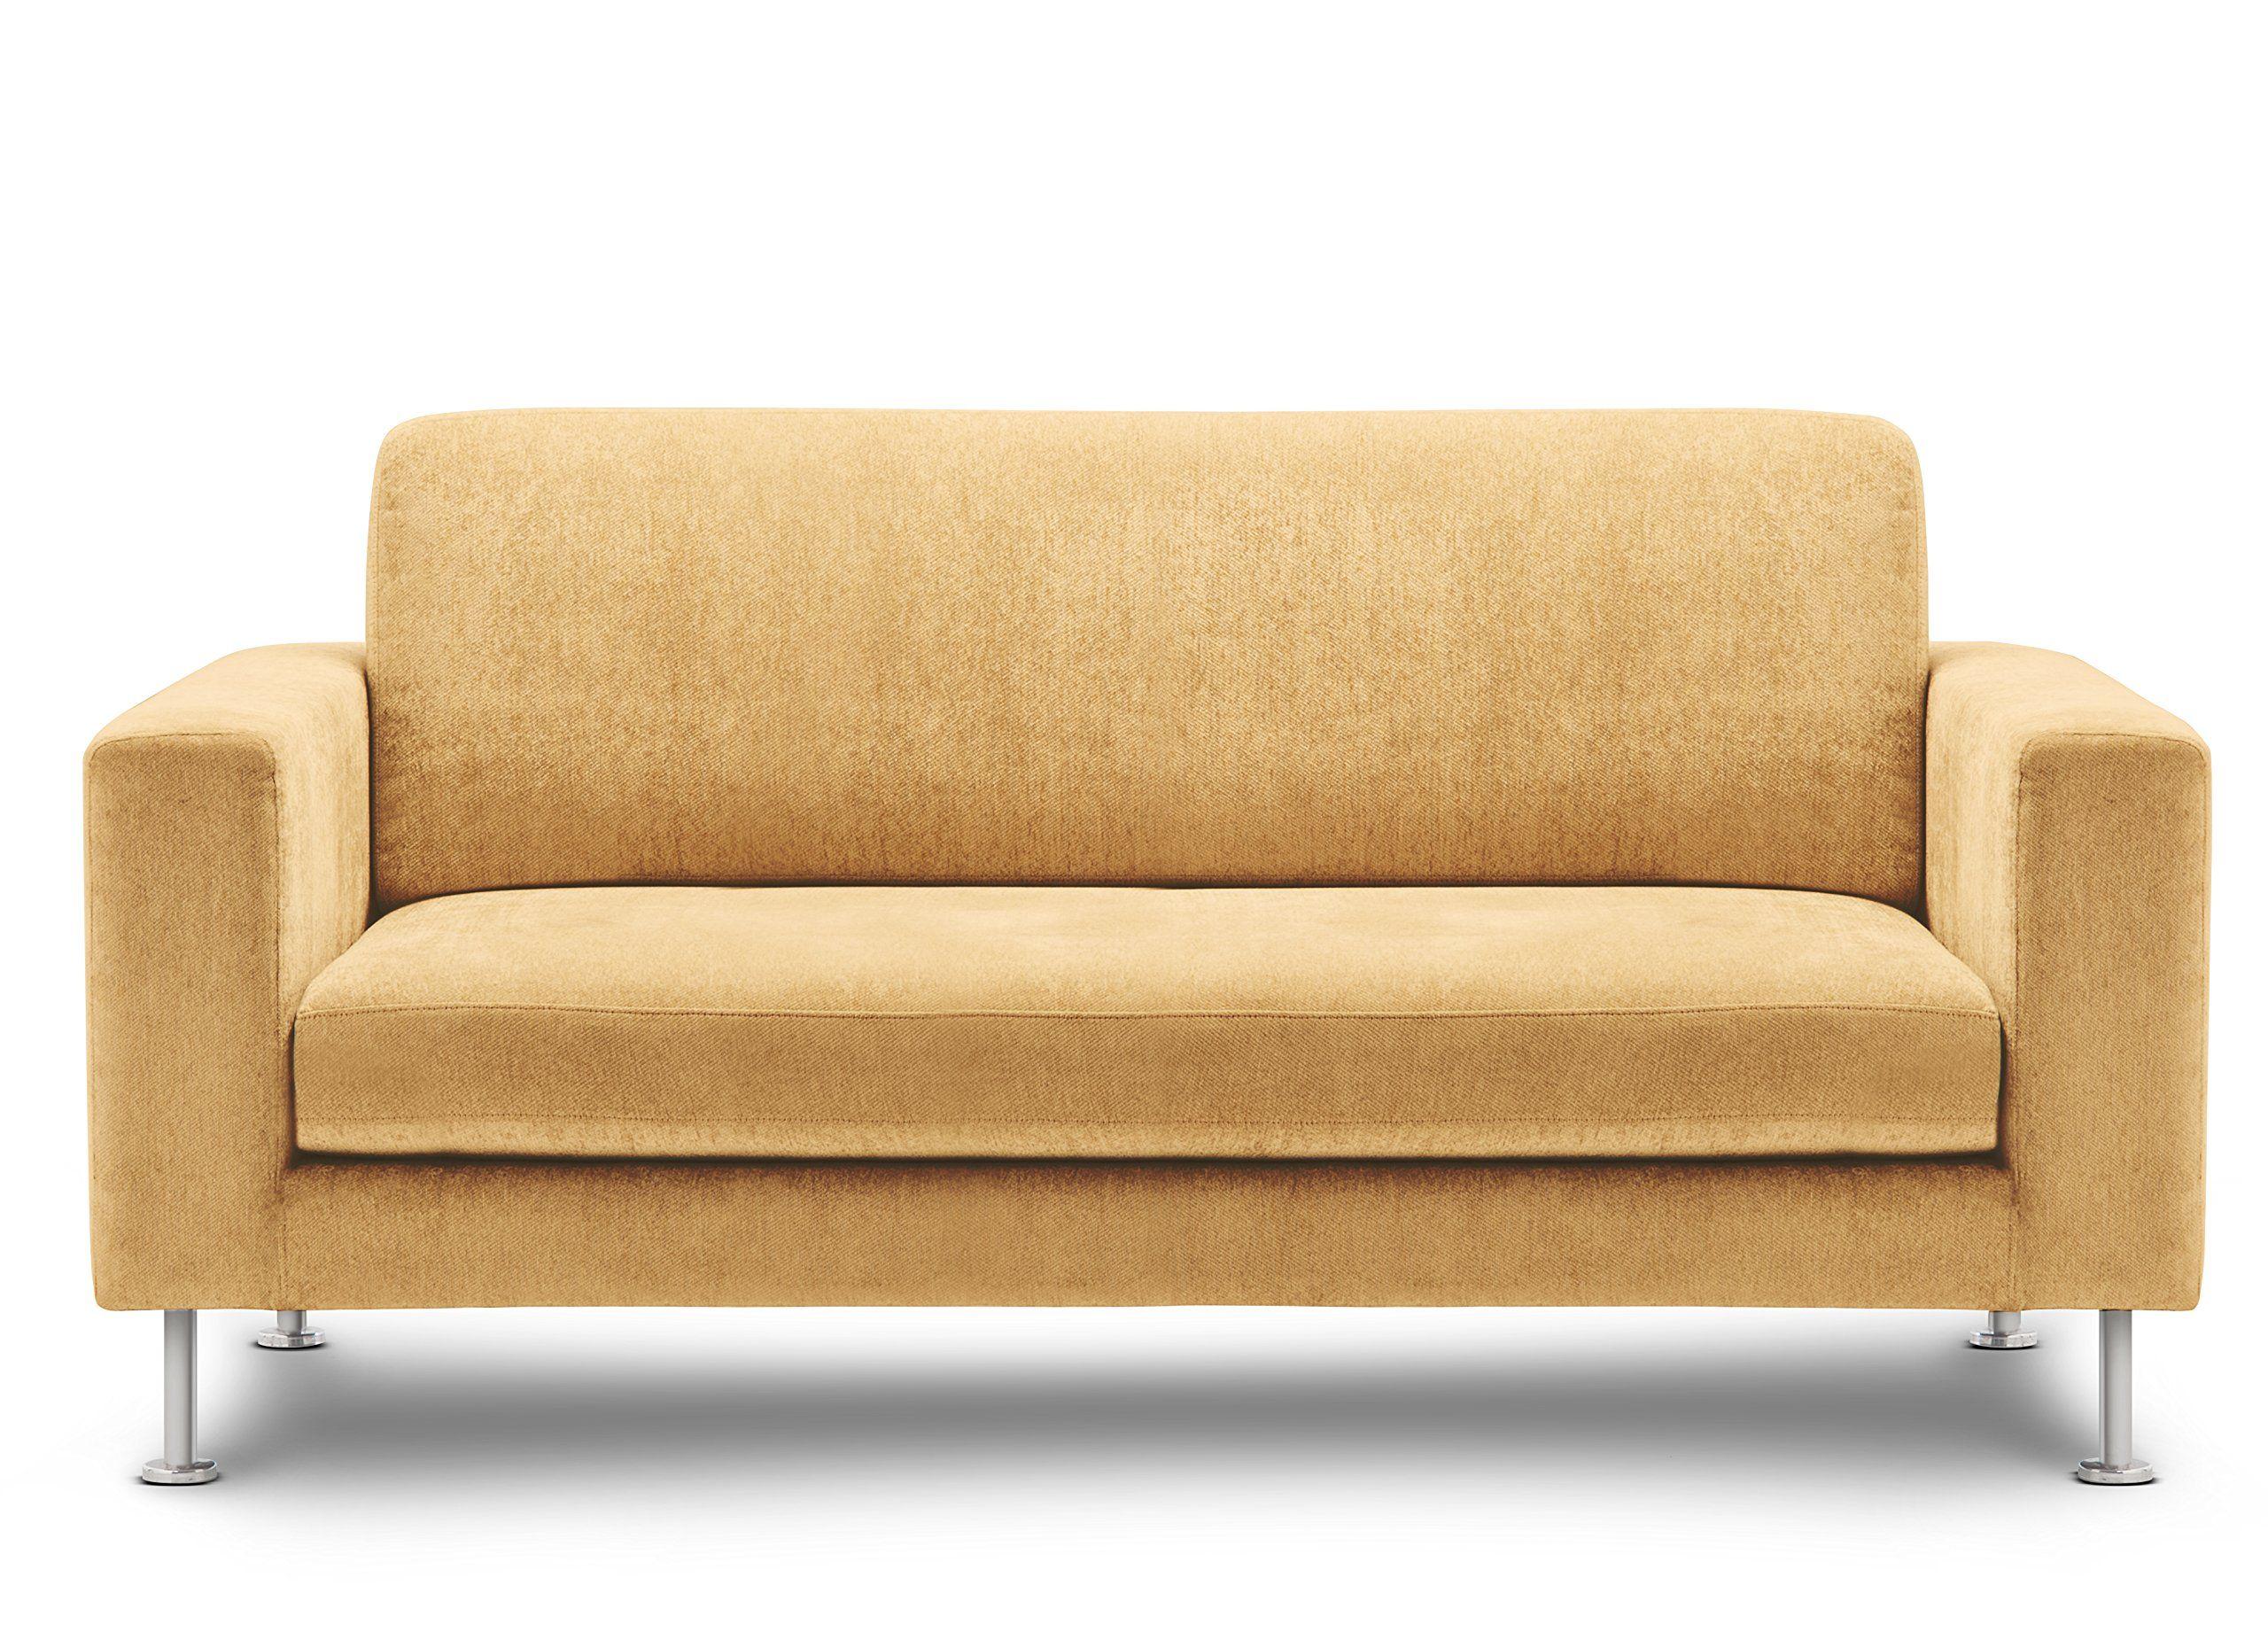 Scotchgard Fabric Furniture Furniture Furniture Carpet